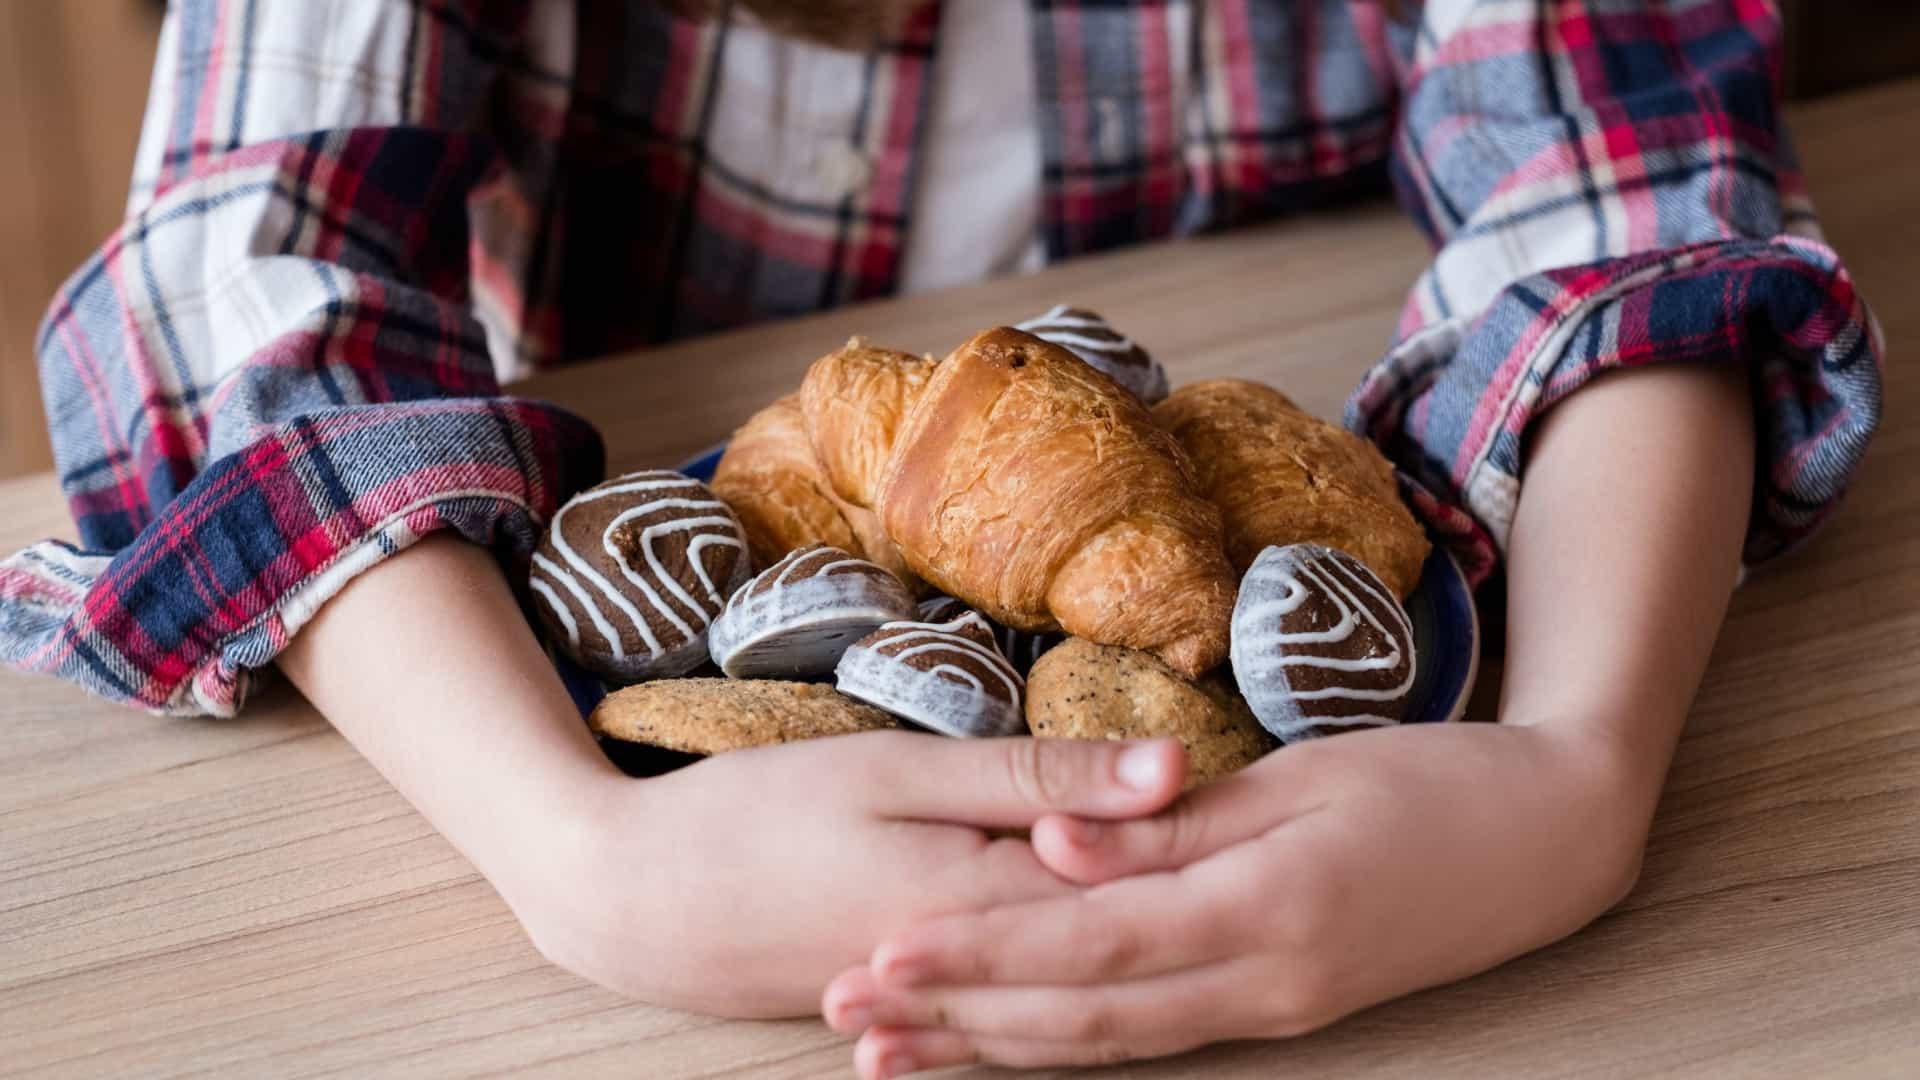 Cinco coisas que lhe acontecem ao corpo quando come demasiado